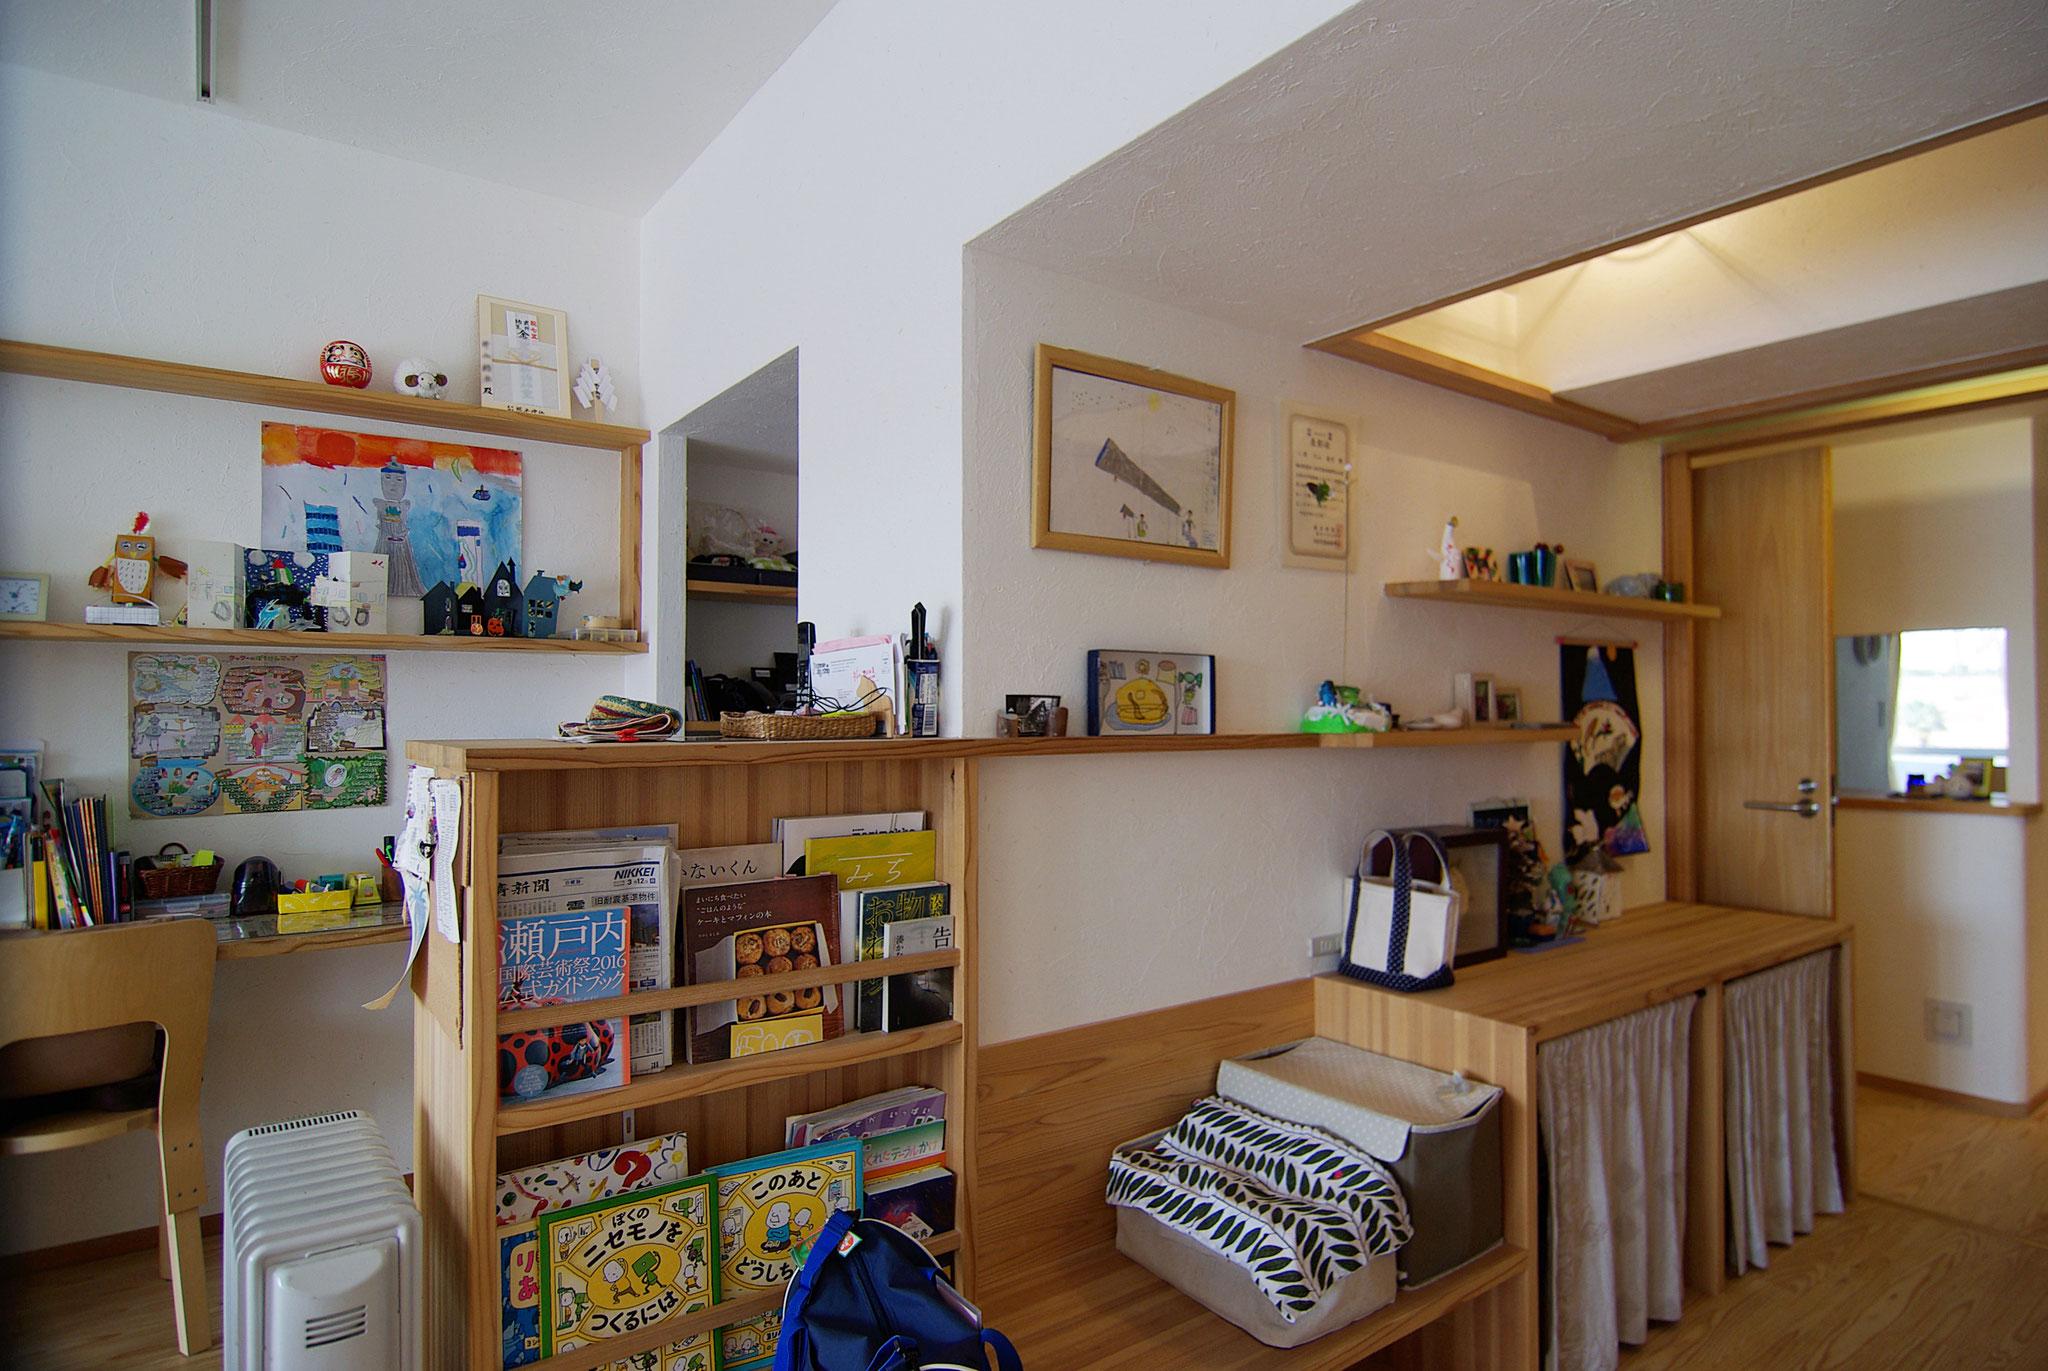 南北をつなぐ広い廊下は、風通しのよい読書スペースや住人それぞれの趣味のものなどを展示するギャラリースペースに。廊下上部には天袋を設置。